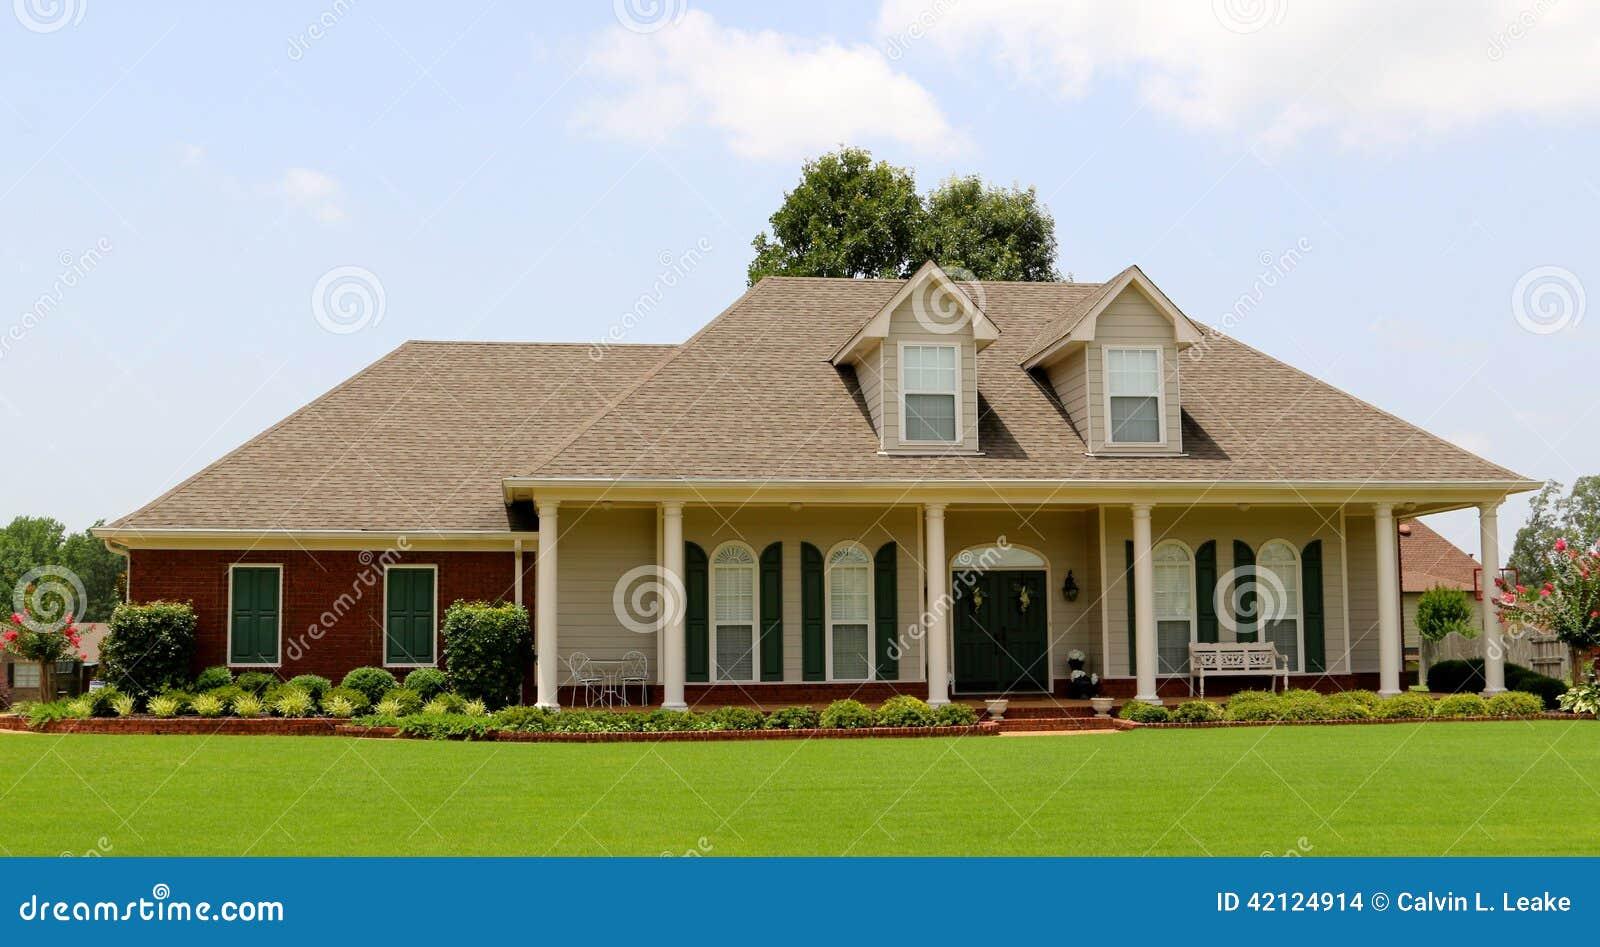 Schönes zweistöckiges Ranch-Art-Haus